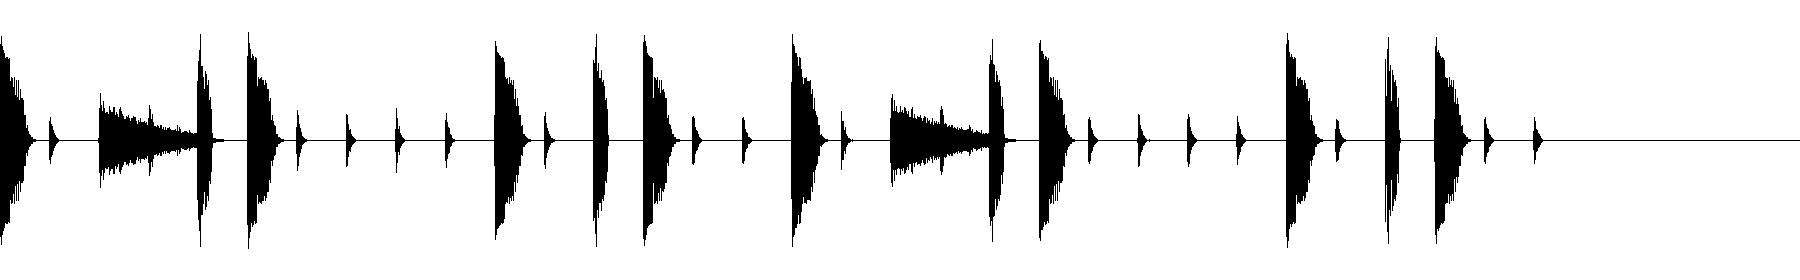 drum loops 140